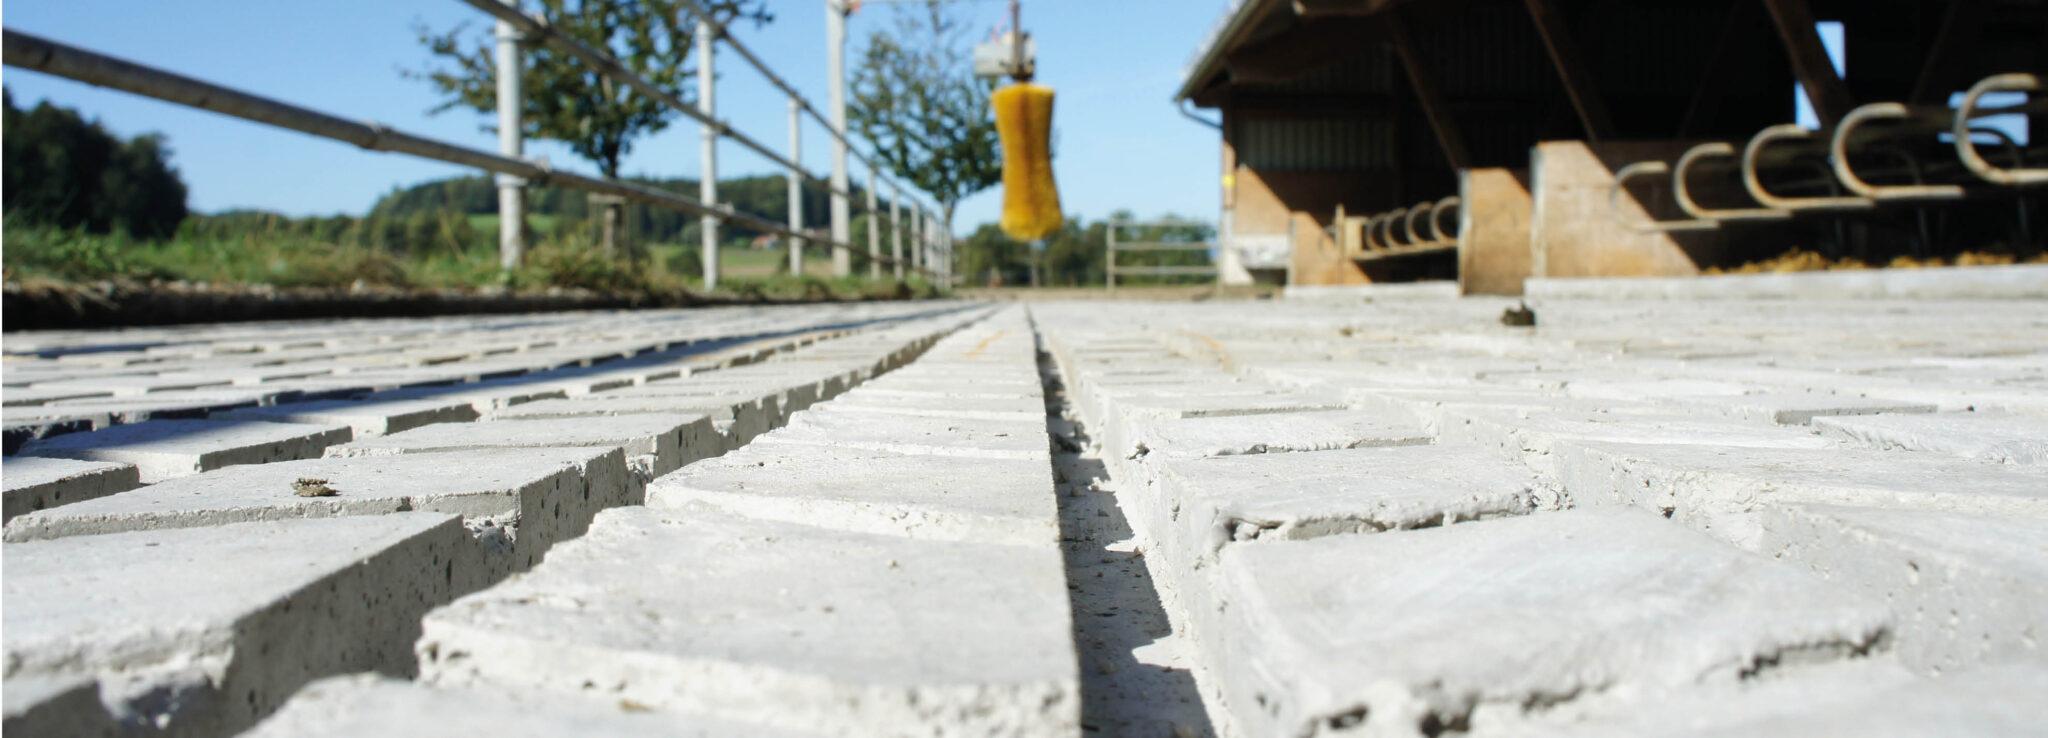 Willisauer Rillenboden mit Entwässerung